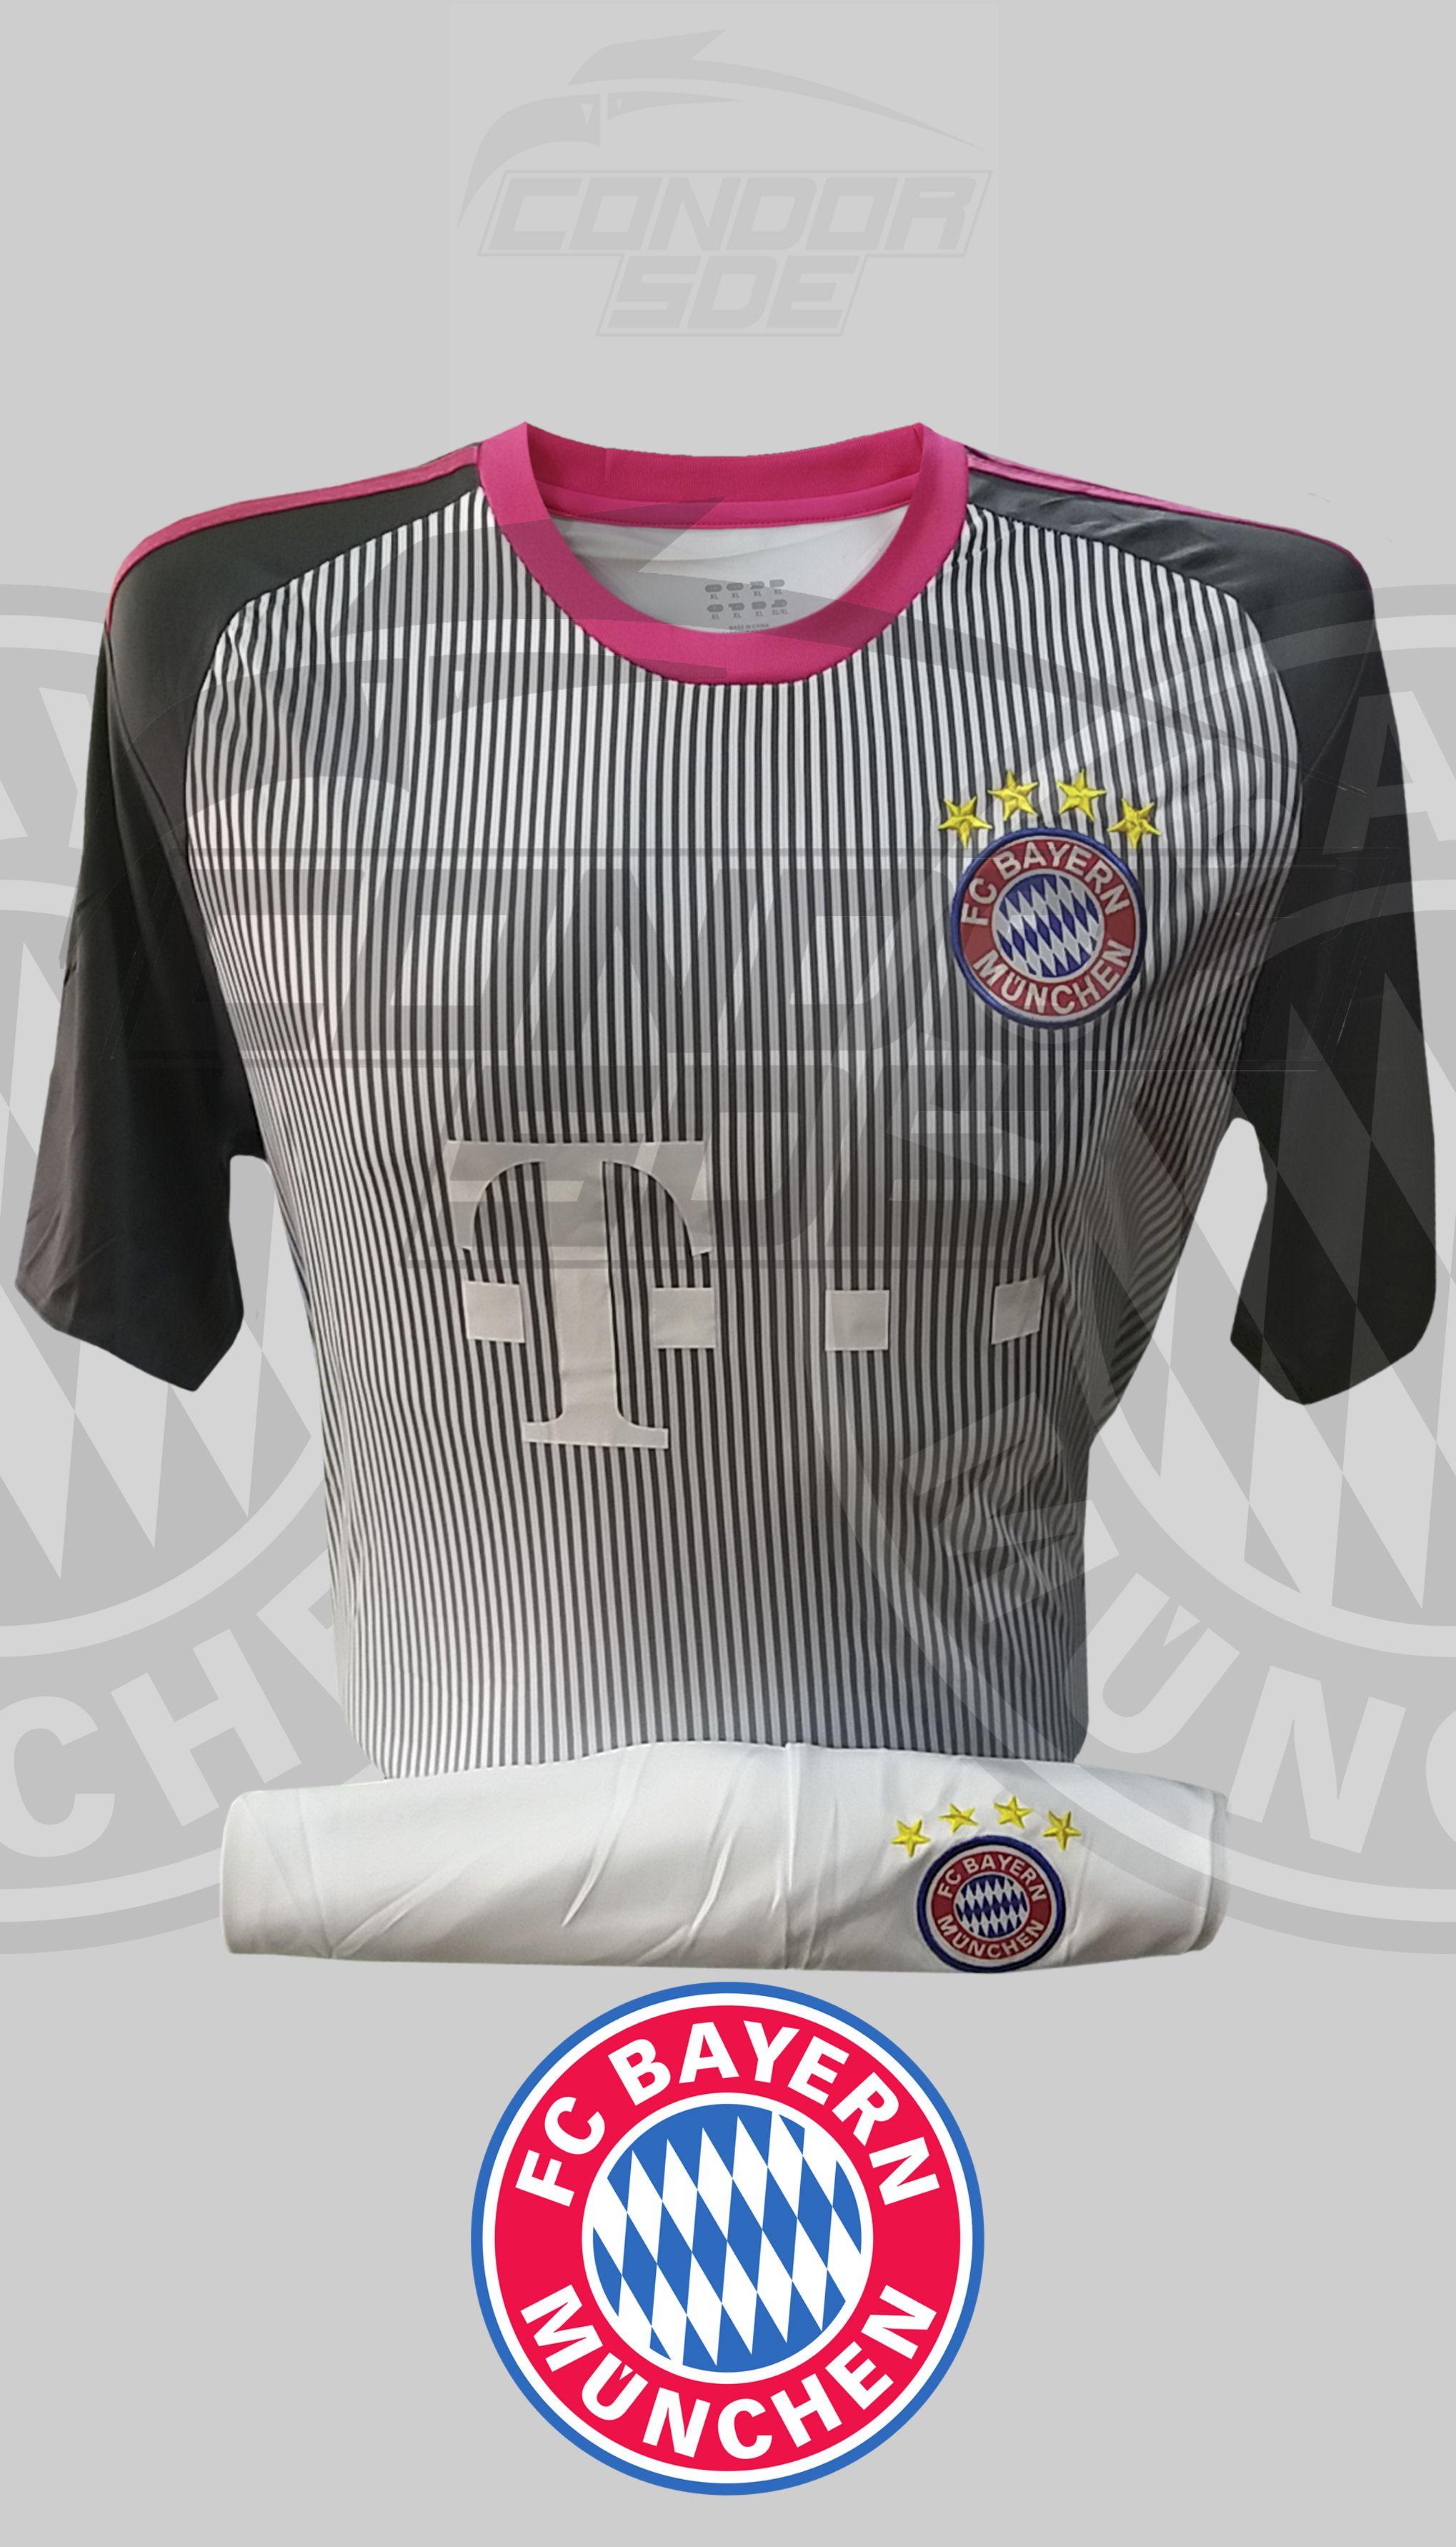 Excelente indumentaria de juego y entrenamiento del grande del fútbol  Alemán, Bayer Múnich FC. #uniformes #camisetas #fútbol #bayermunich